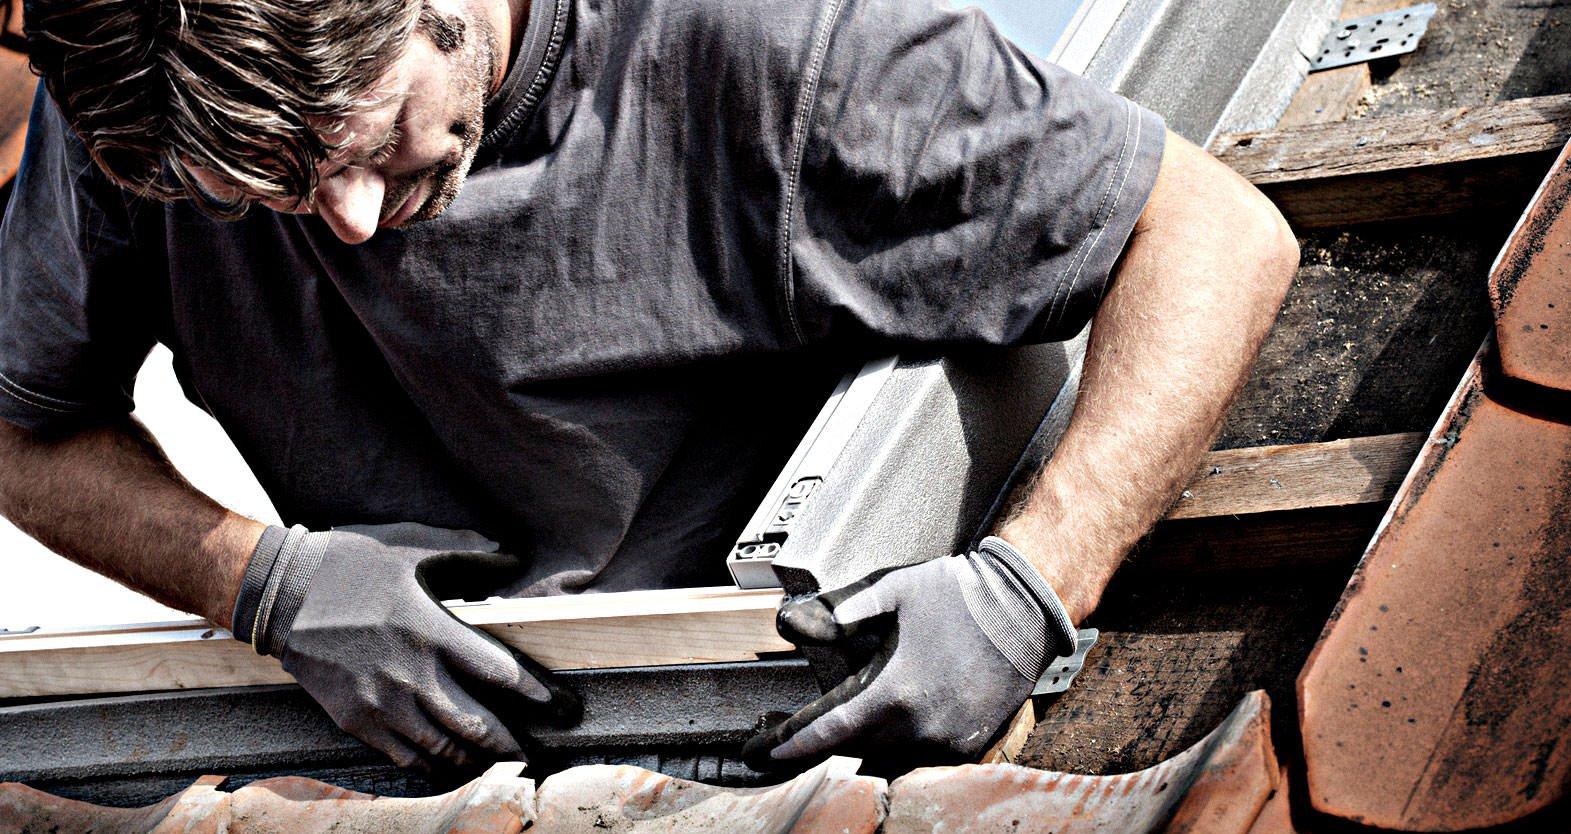 Detrazione fiscale 65 gpm materiali edili - Detrazione 65 finestre ...